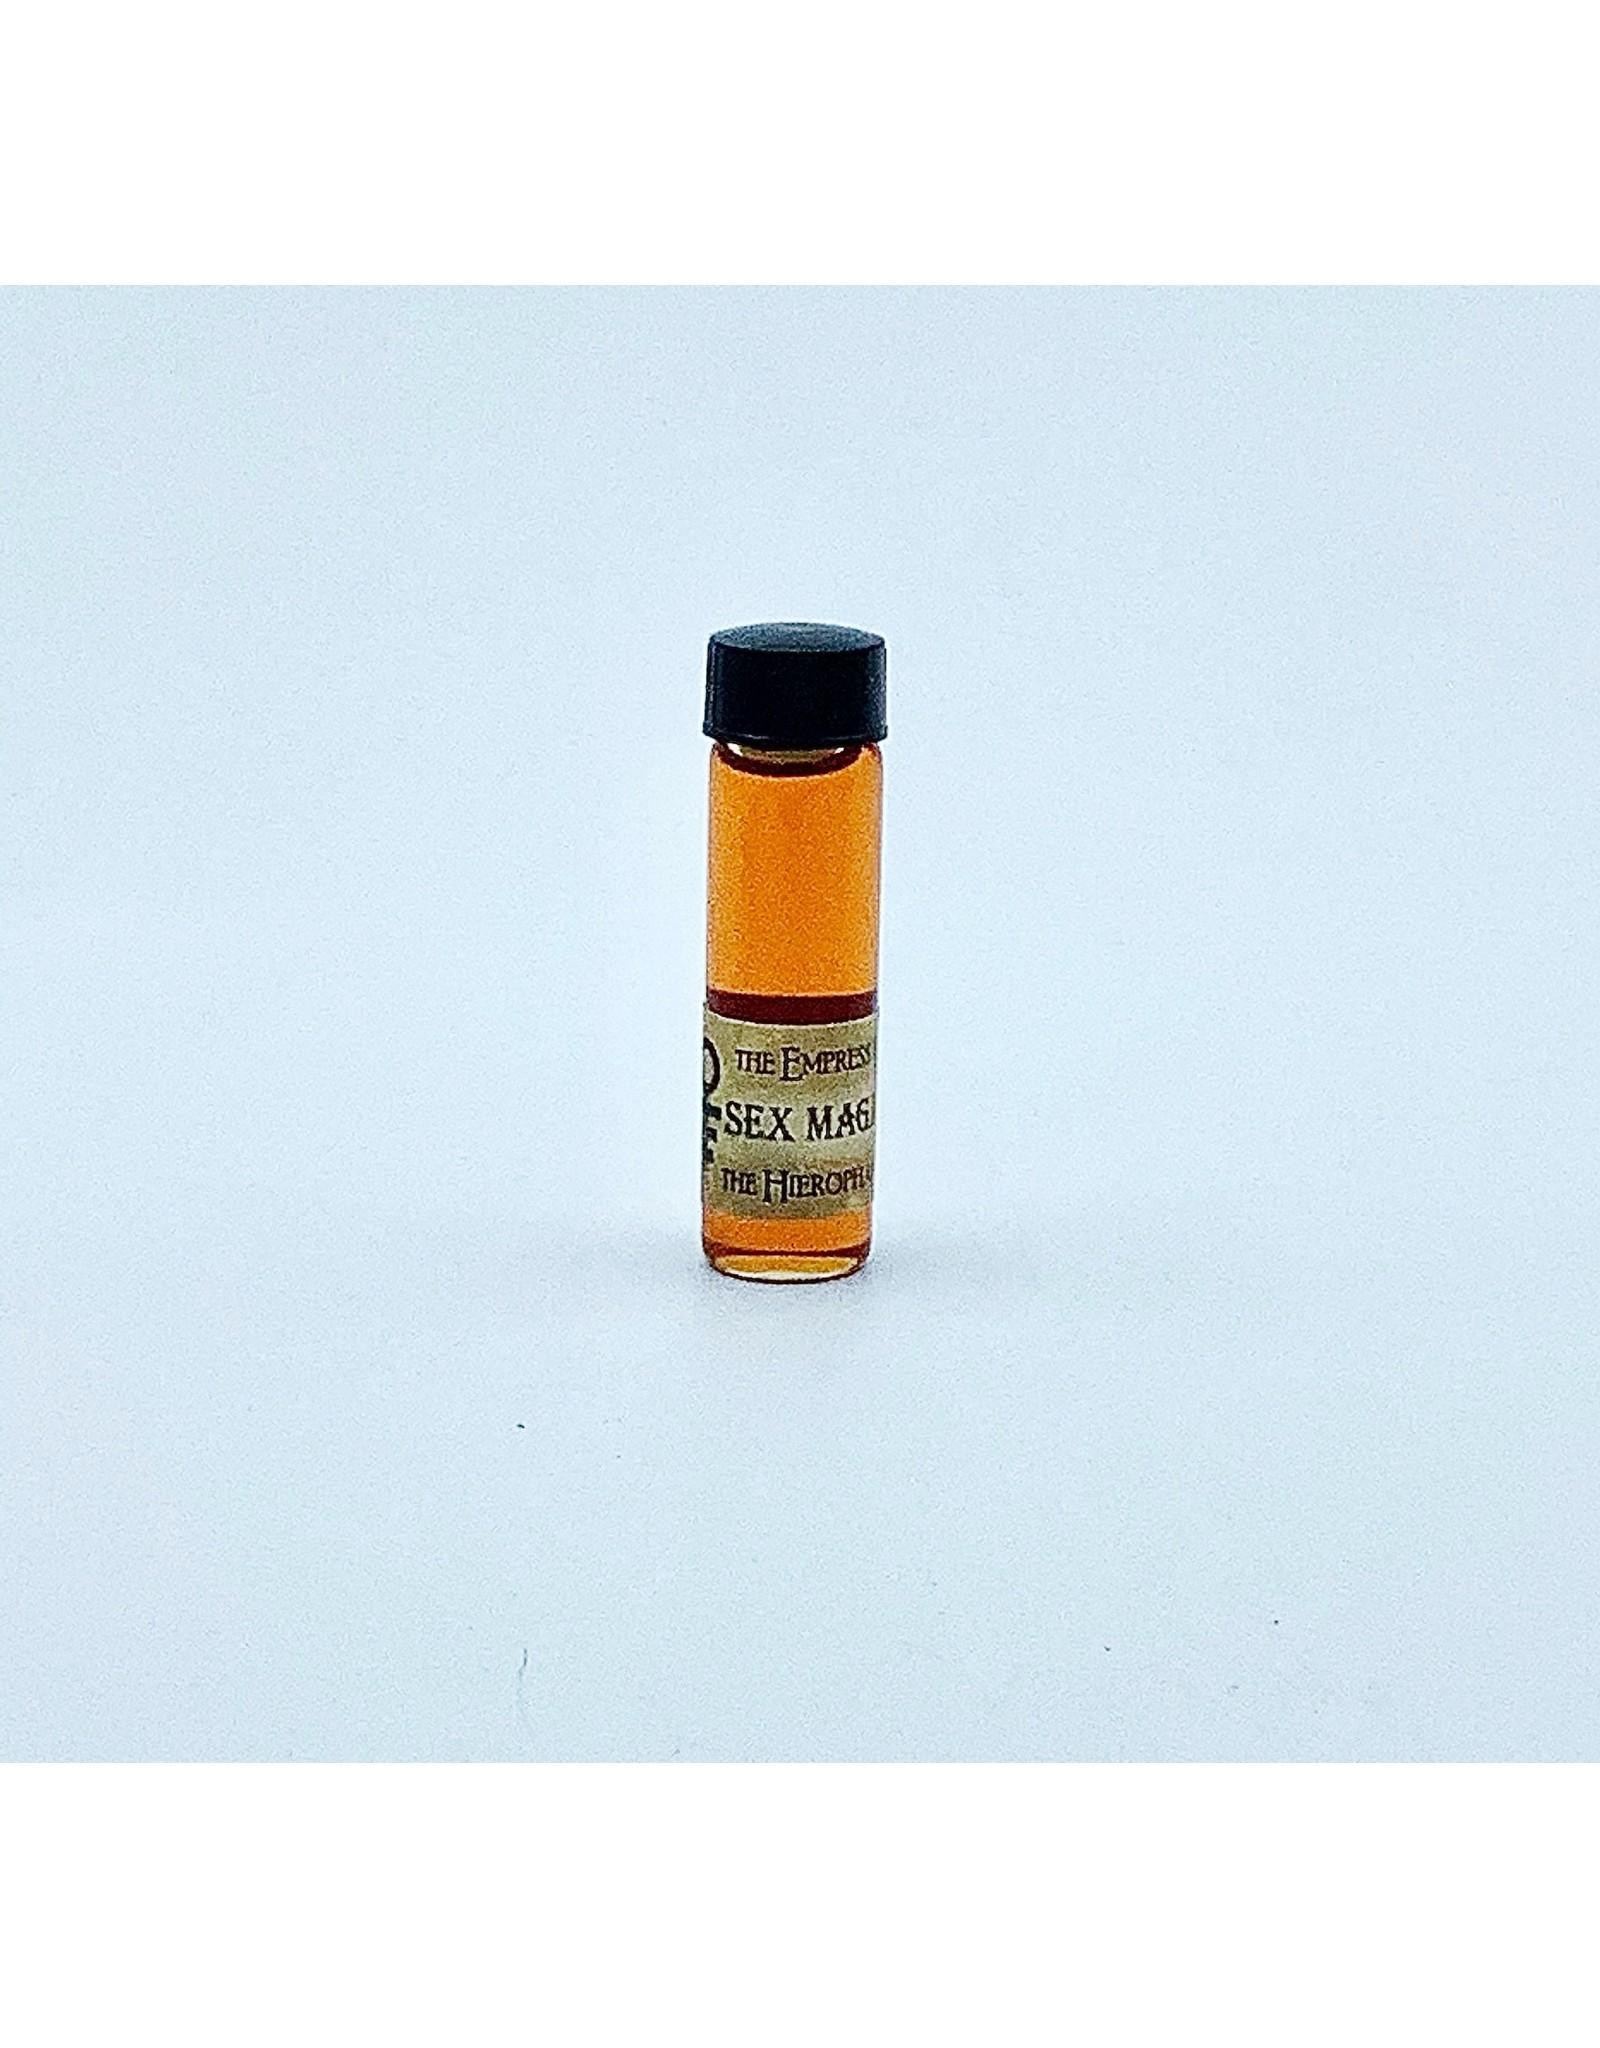 Sex Magickal Oil 2 Dram Bottle